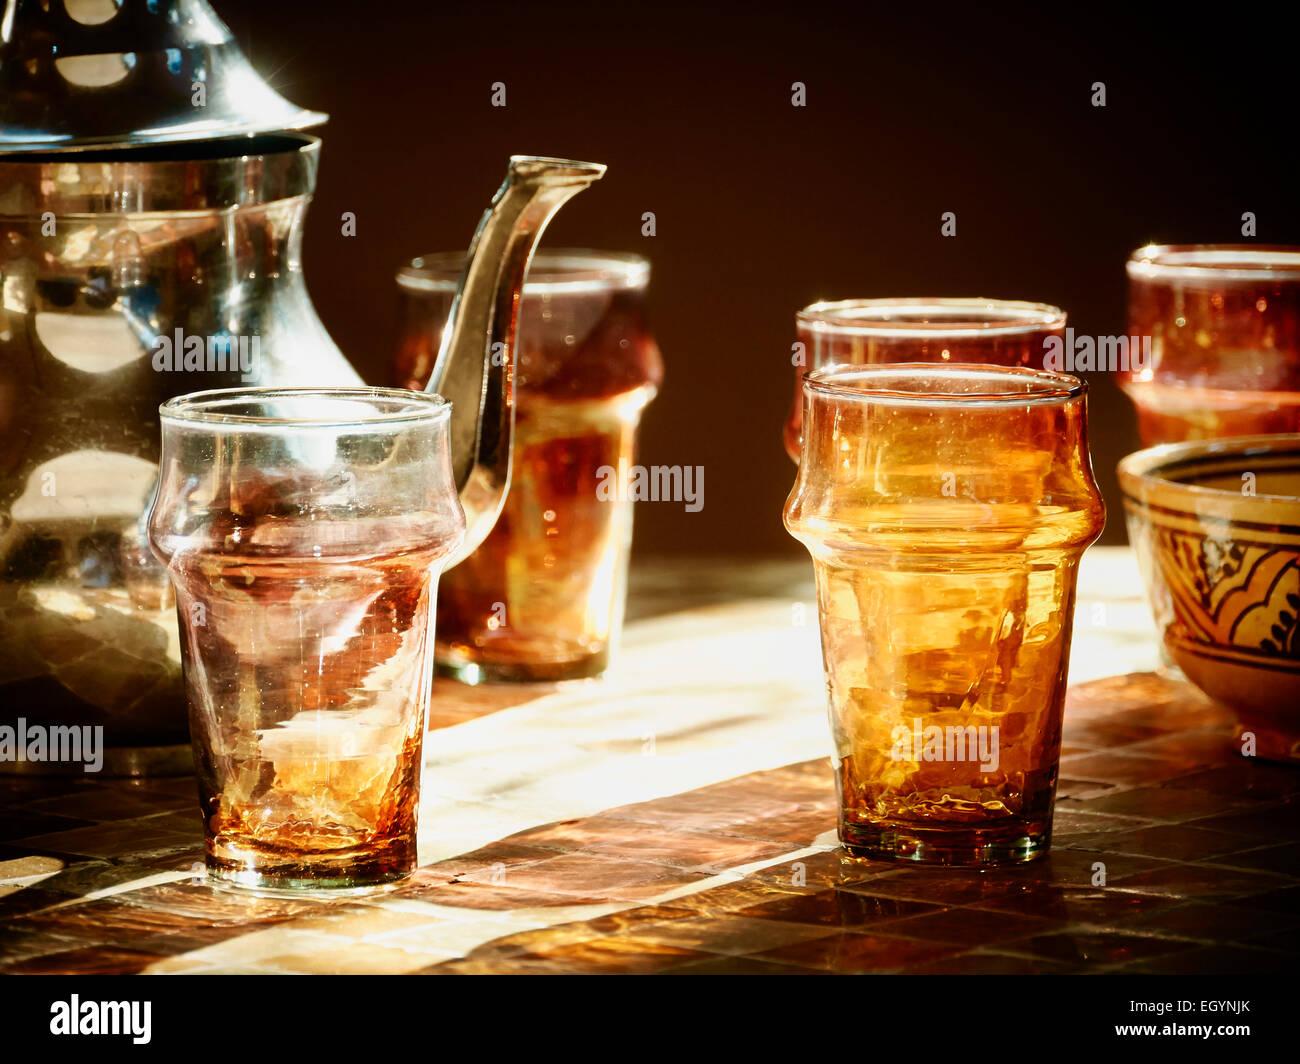 Morocco, Casablanca, tea pot and tea glasses in a teahouse Stock Photo